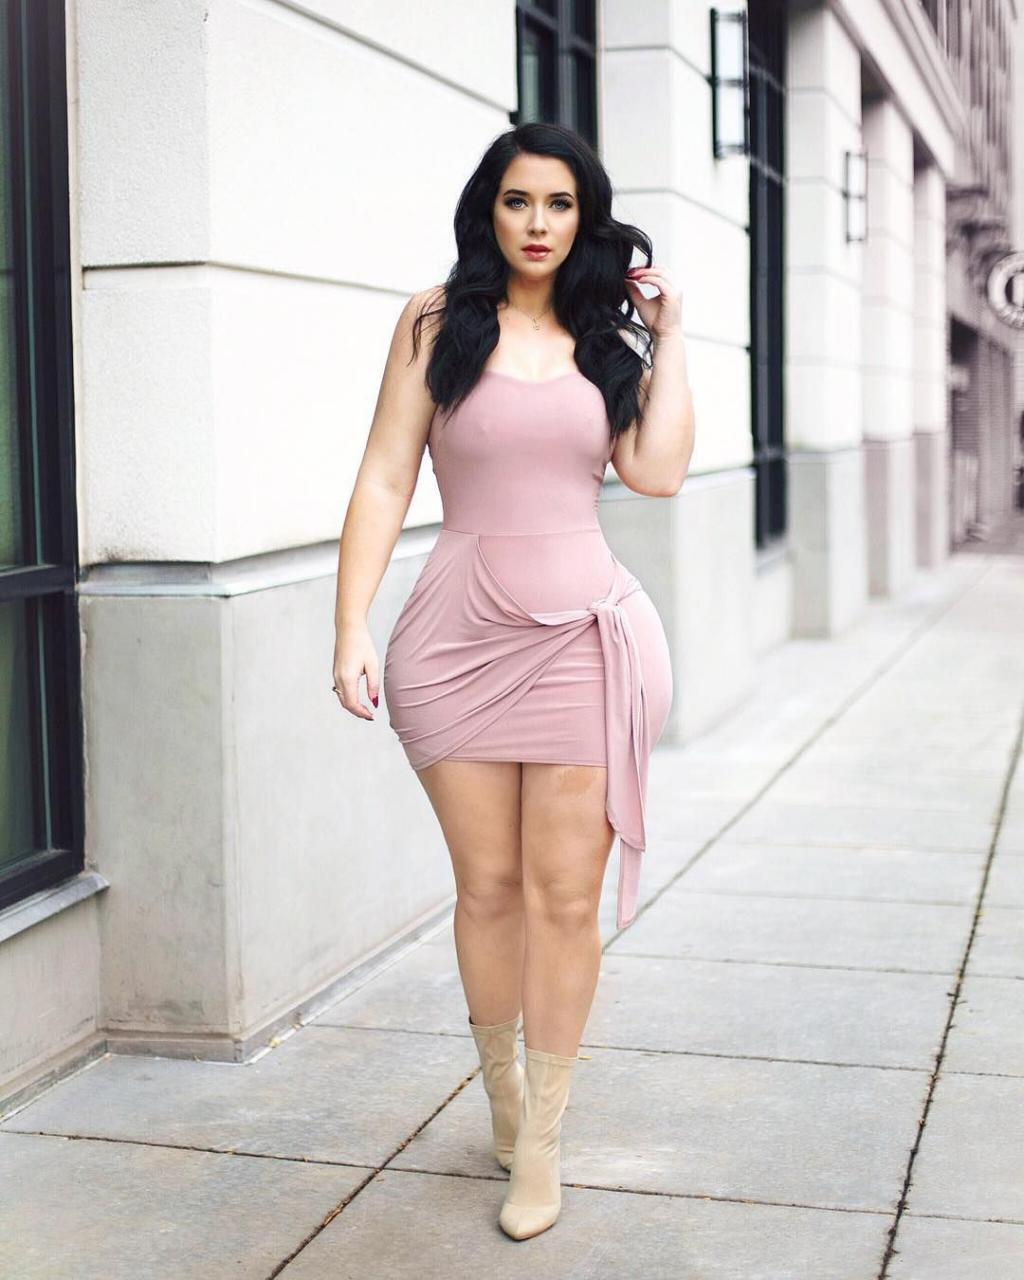 صورة اروع اجسام نساء في العالم , سيدات جميلات ذات جسم انثوى